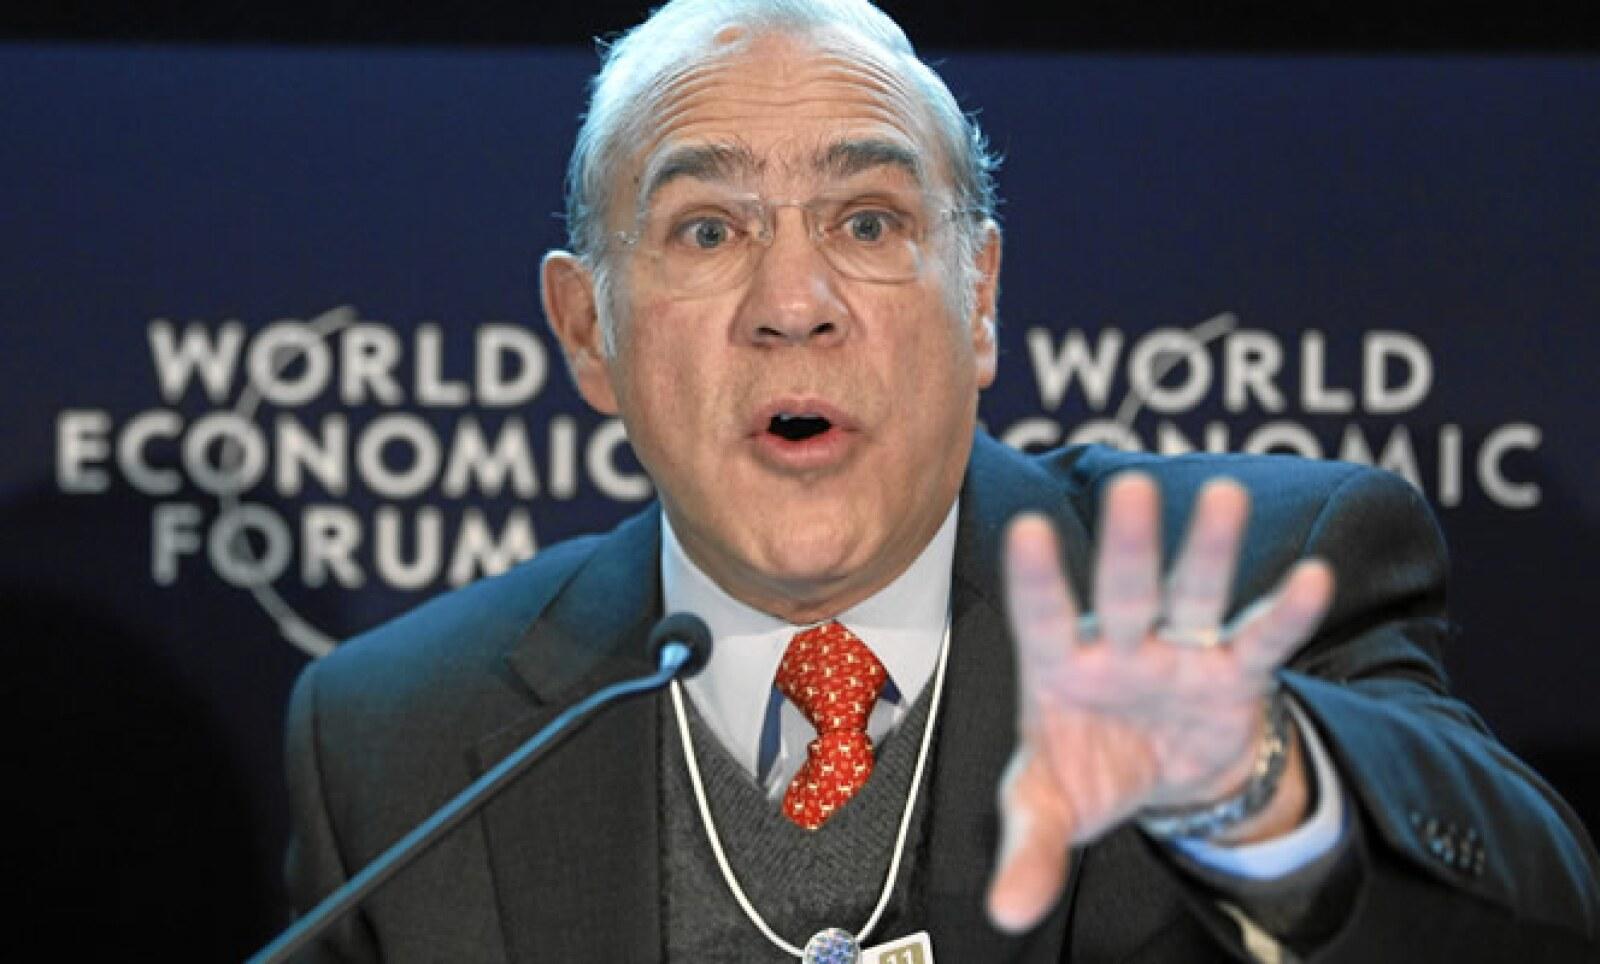 José Ángel Gurría, presidente de la Organización para la Cooperación del Desarrollo Económico, negó que Portugal y España requieran reestructurar sus deudas.